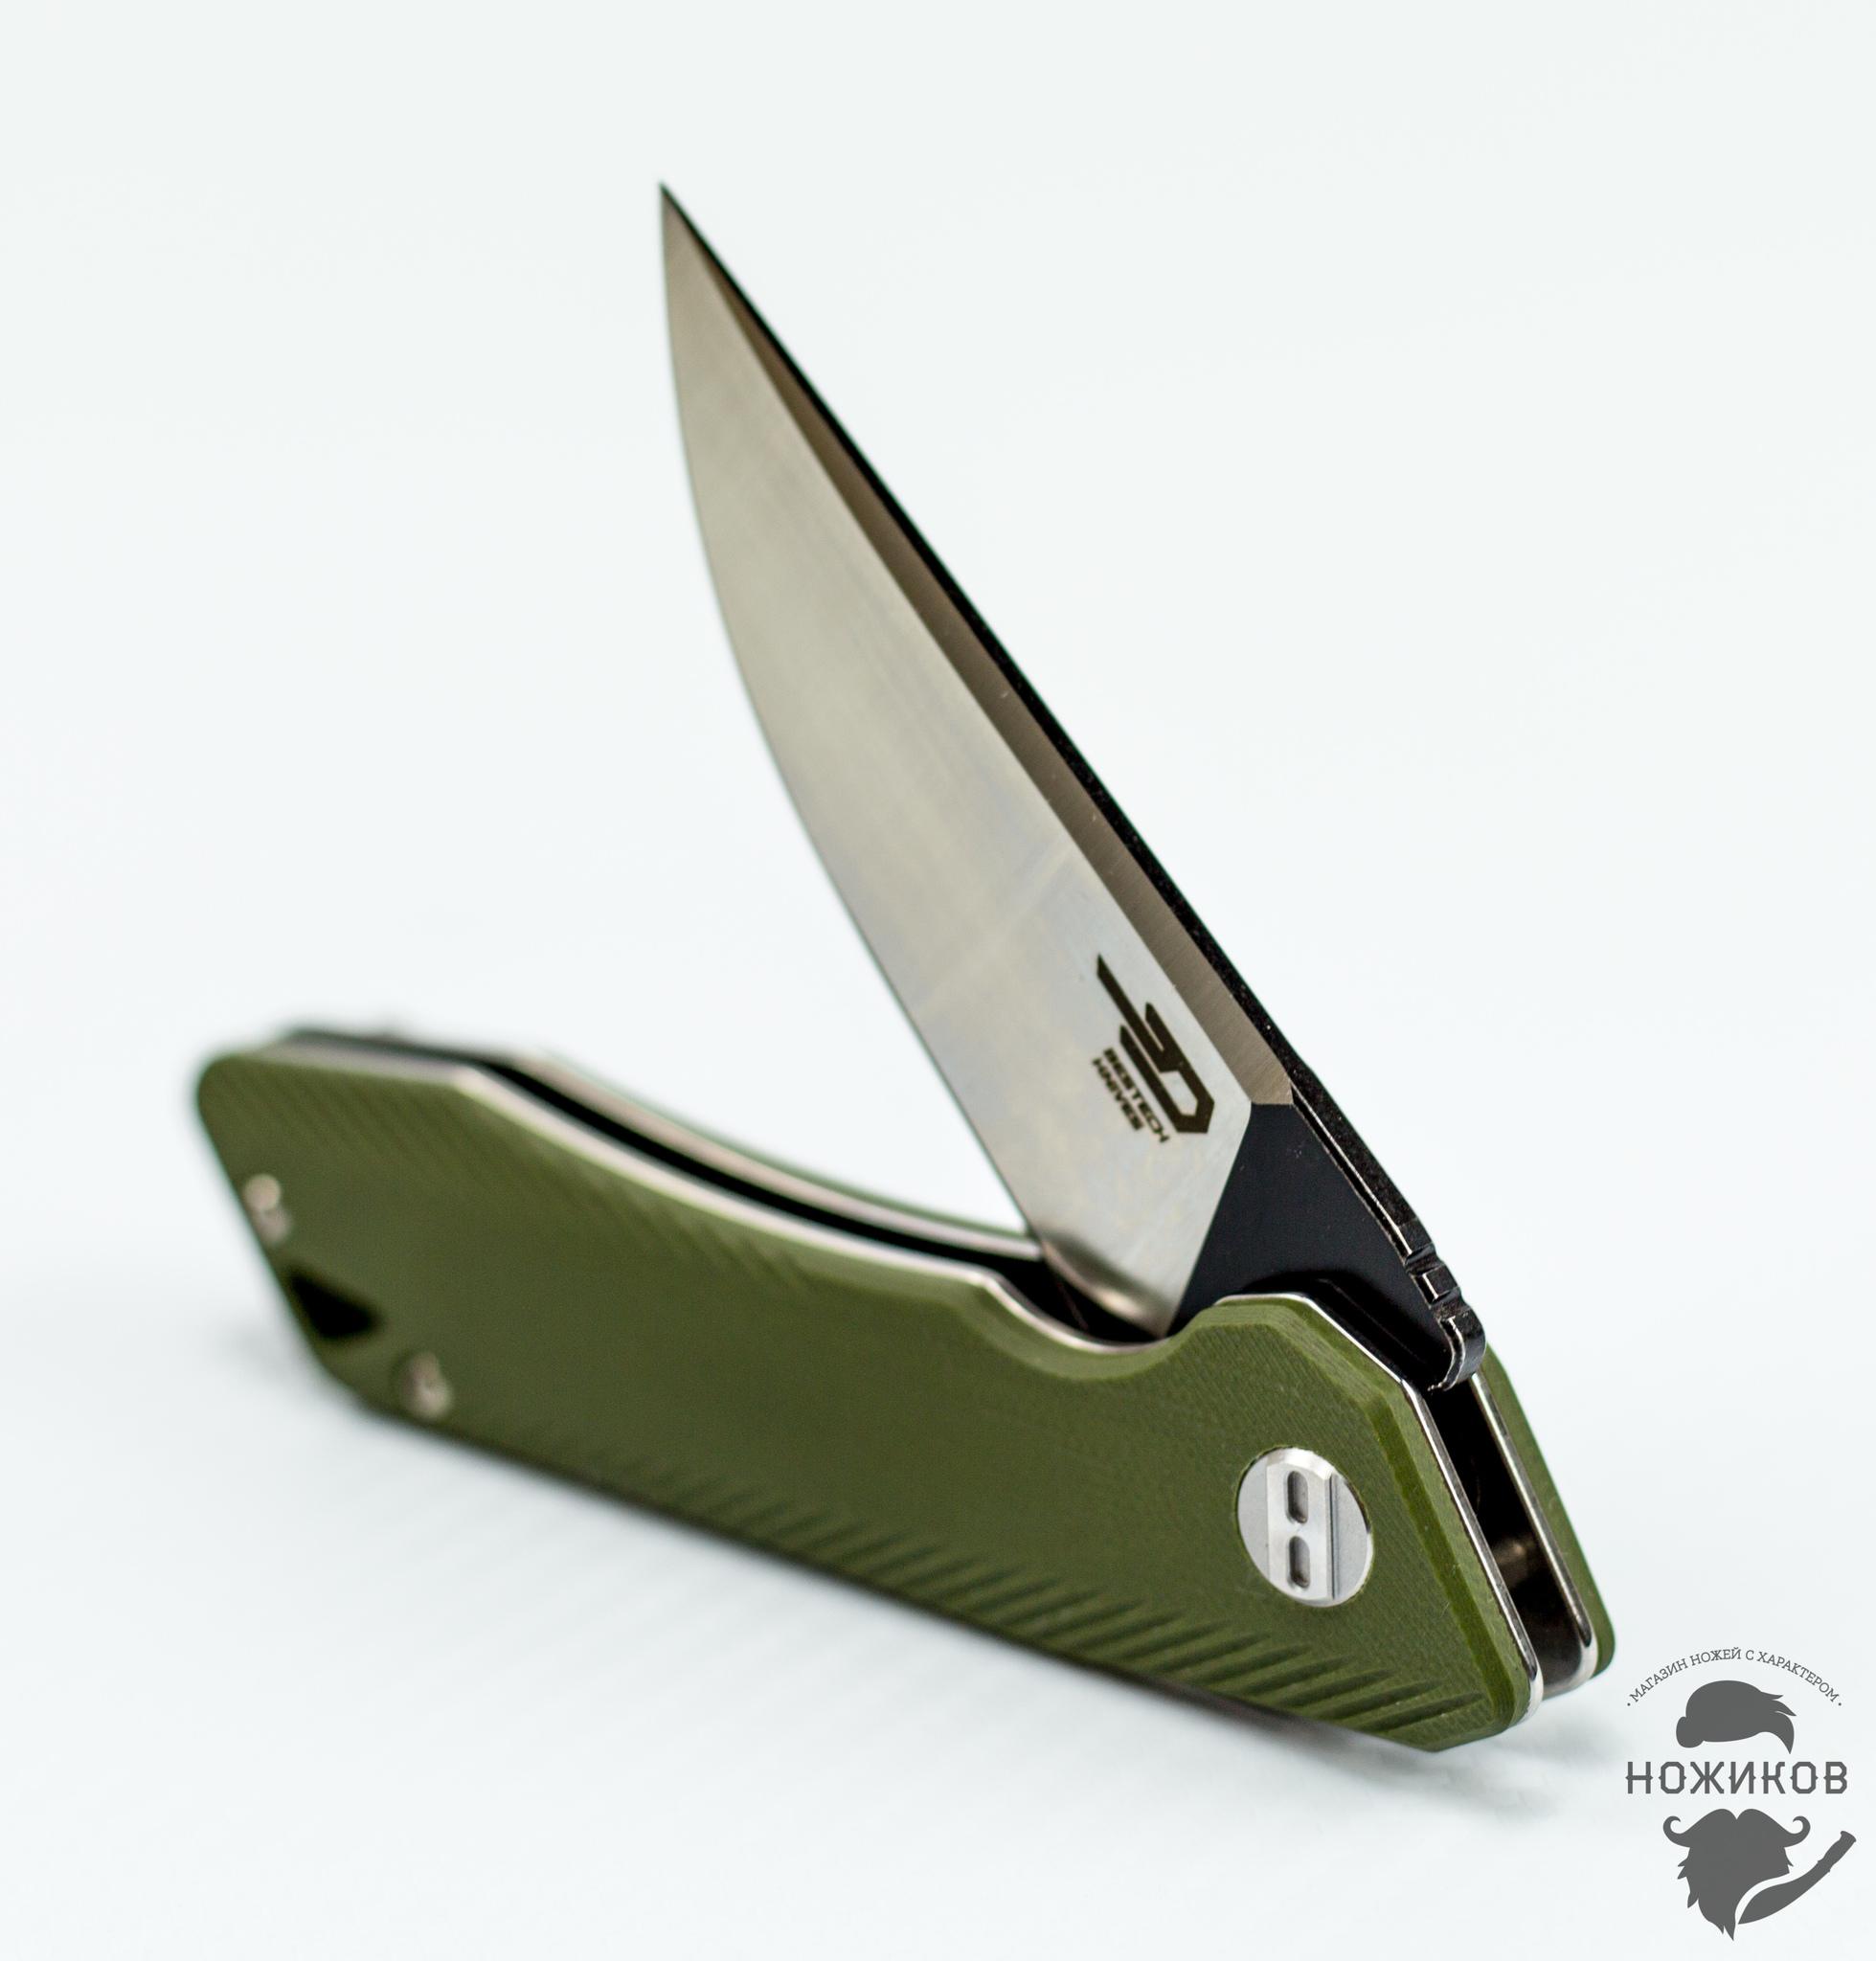 Складной нож Bestech Thorn BG10B-1, сталь Sandvik 12C27 от Bestech Knives